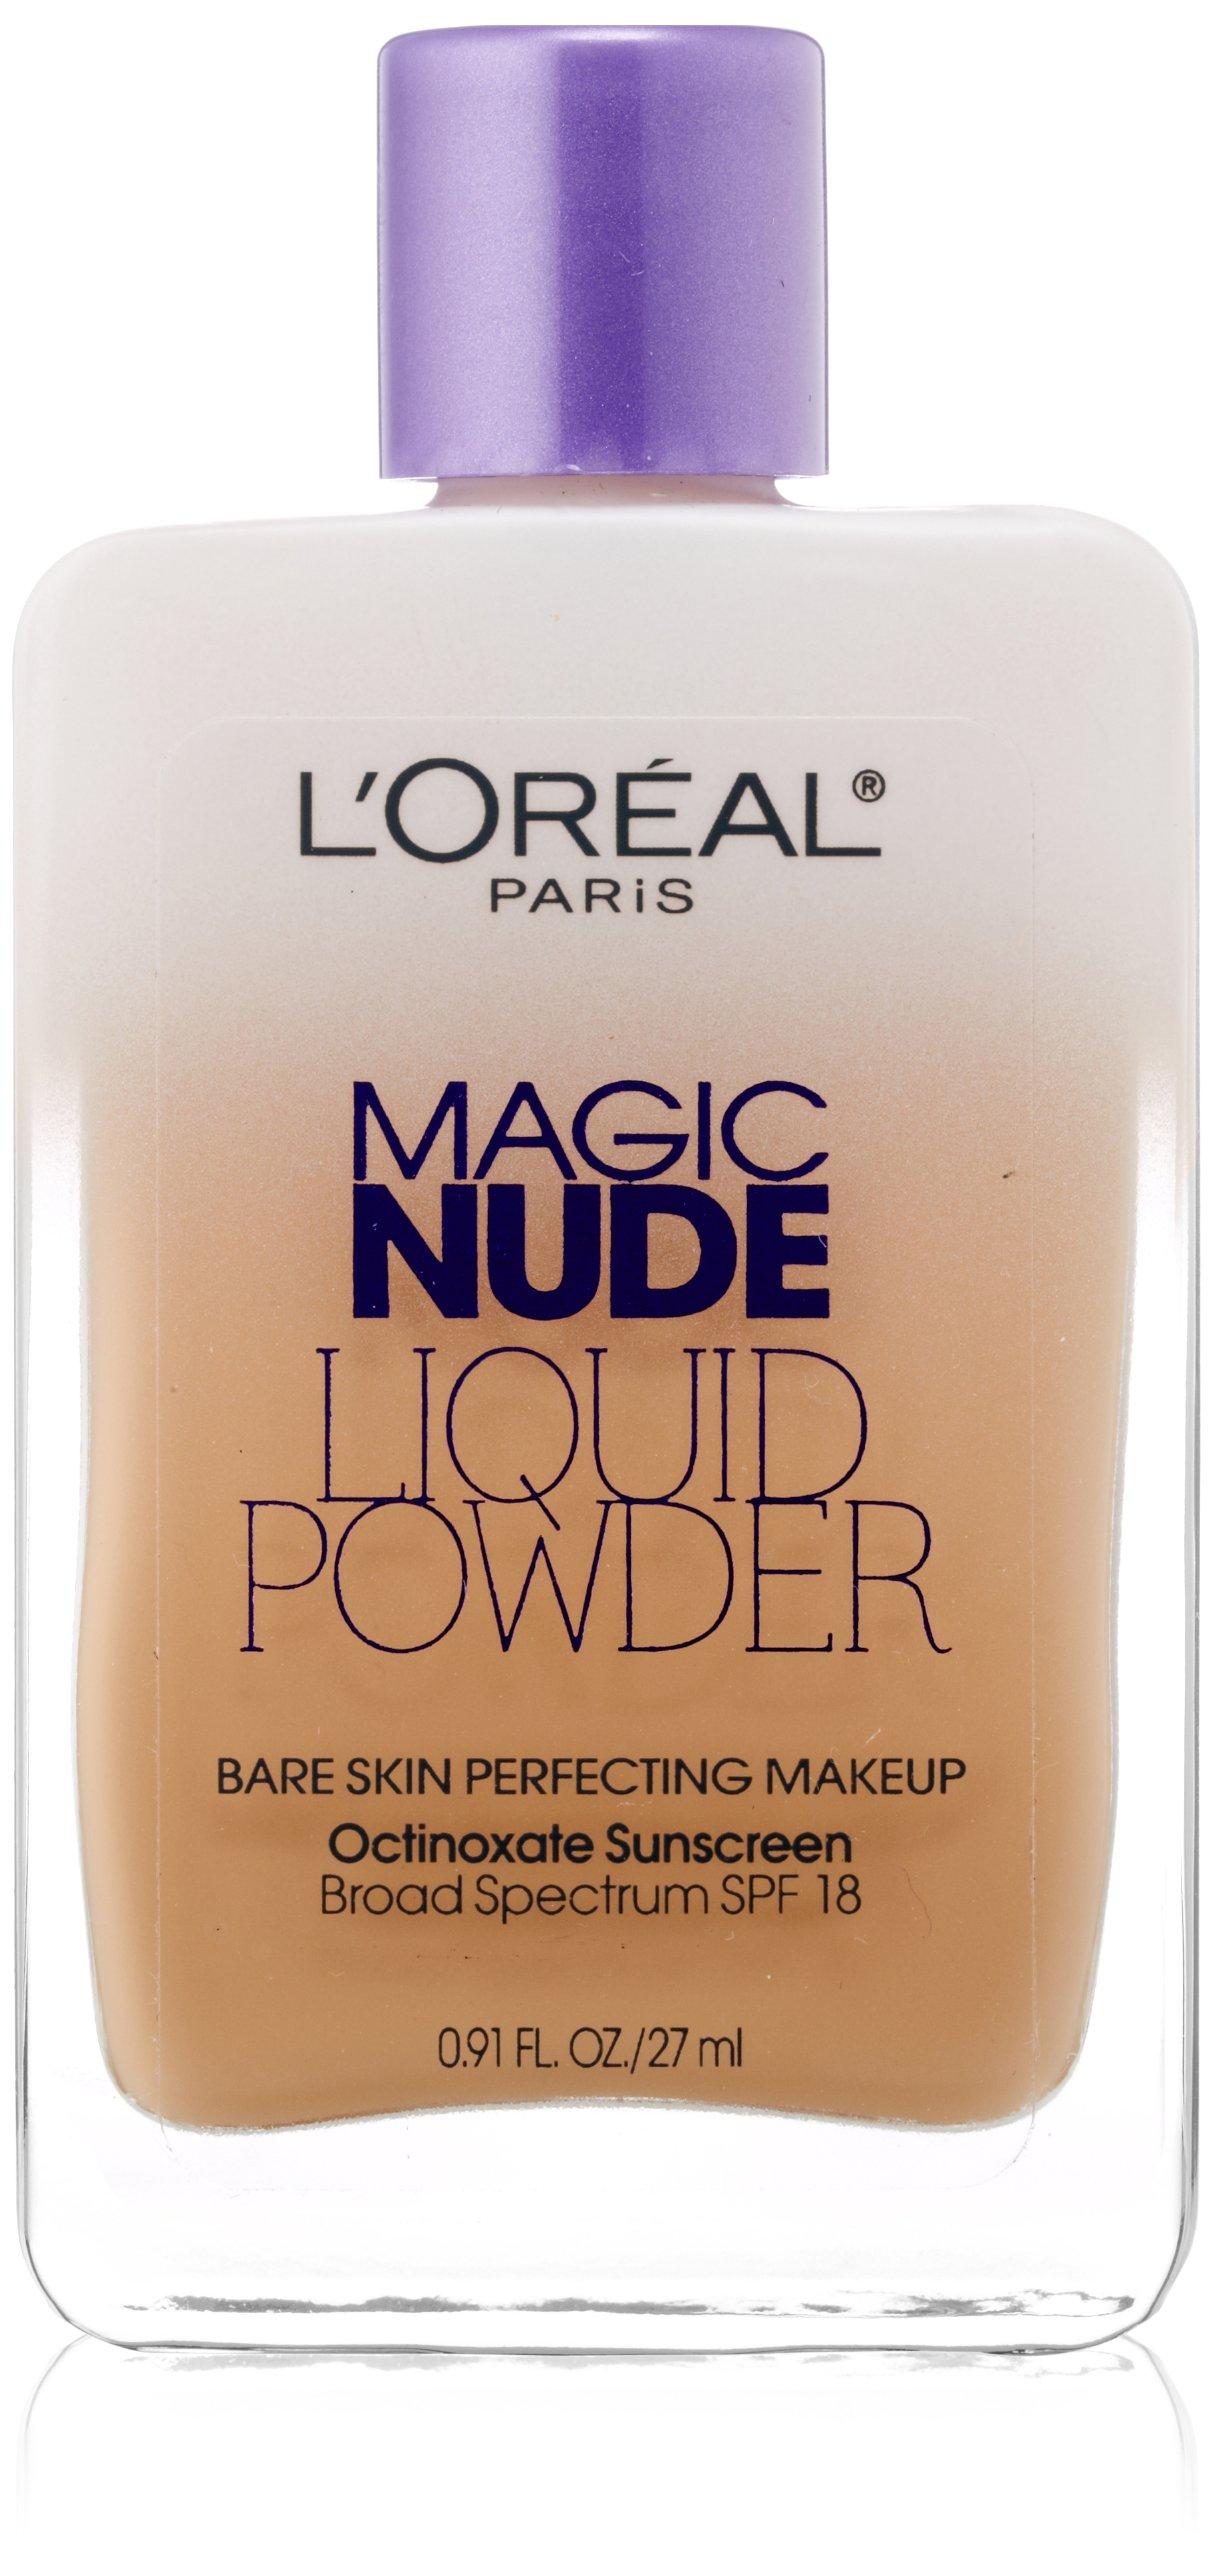 Loreal buff naked